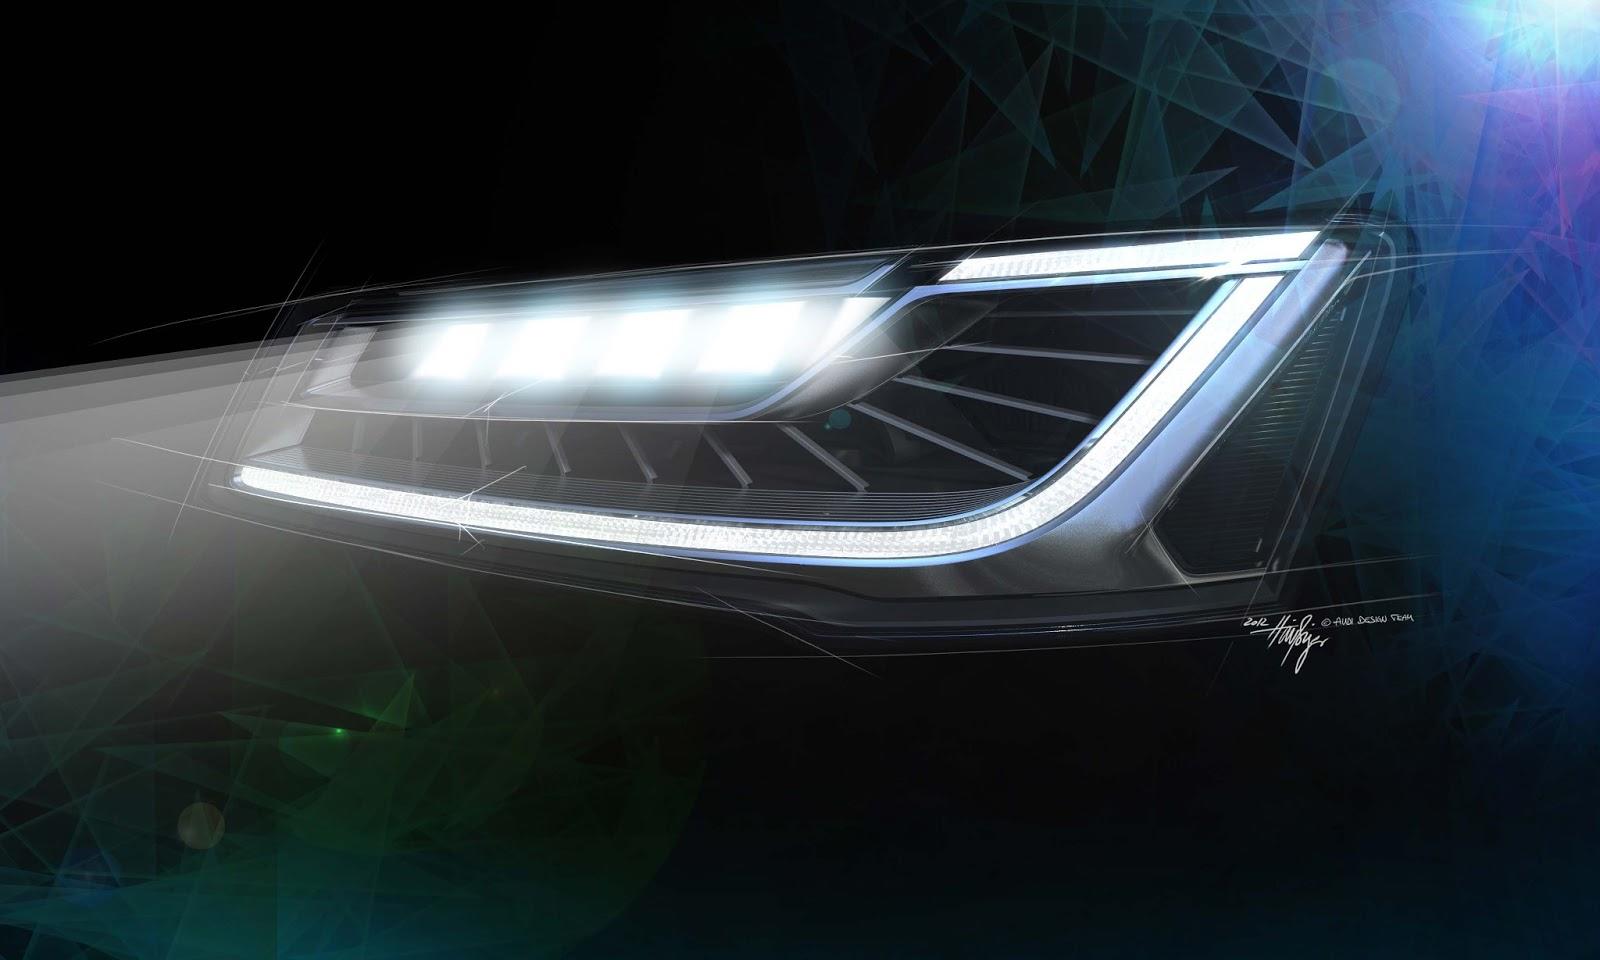 voiture du futur avec les matrix led audi conforte son avance dans l 39 clairage. Black Bedroom Furniture Sets. Home Design Ideas